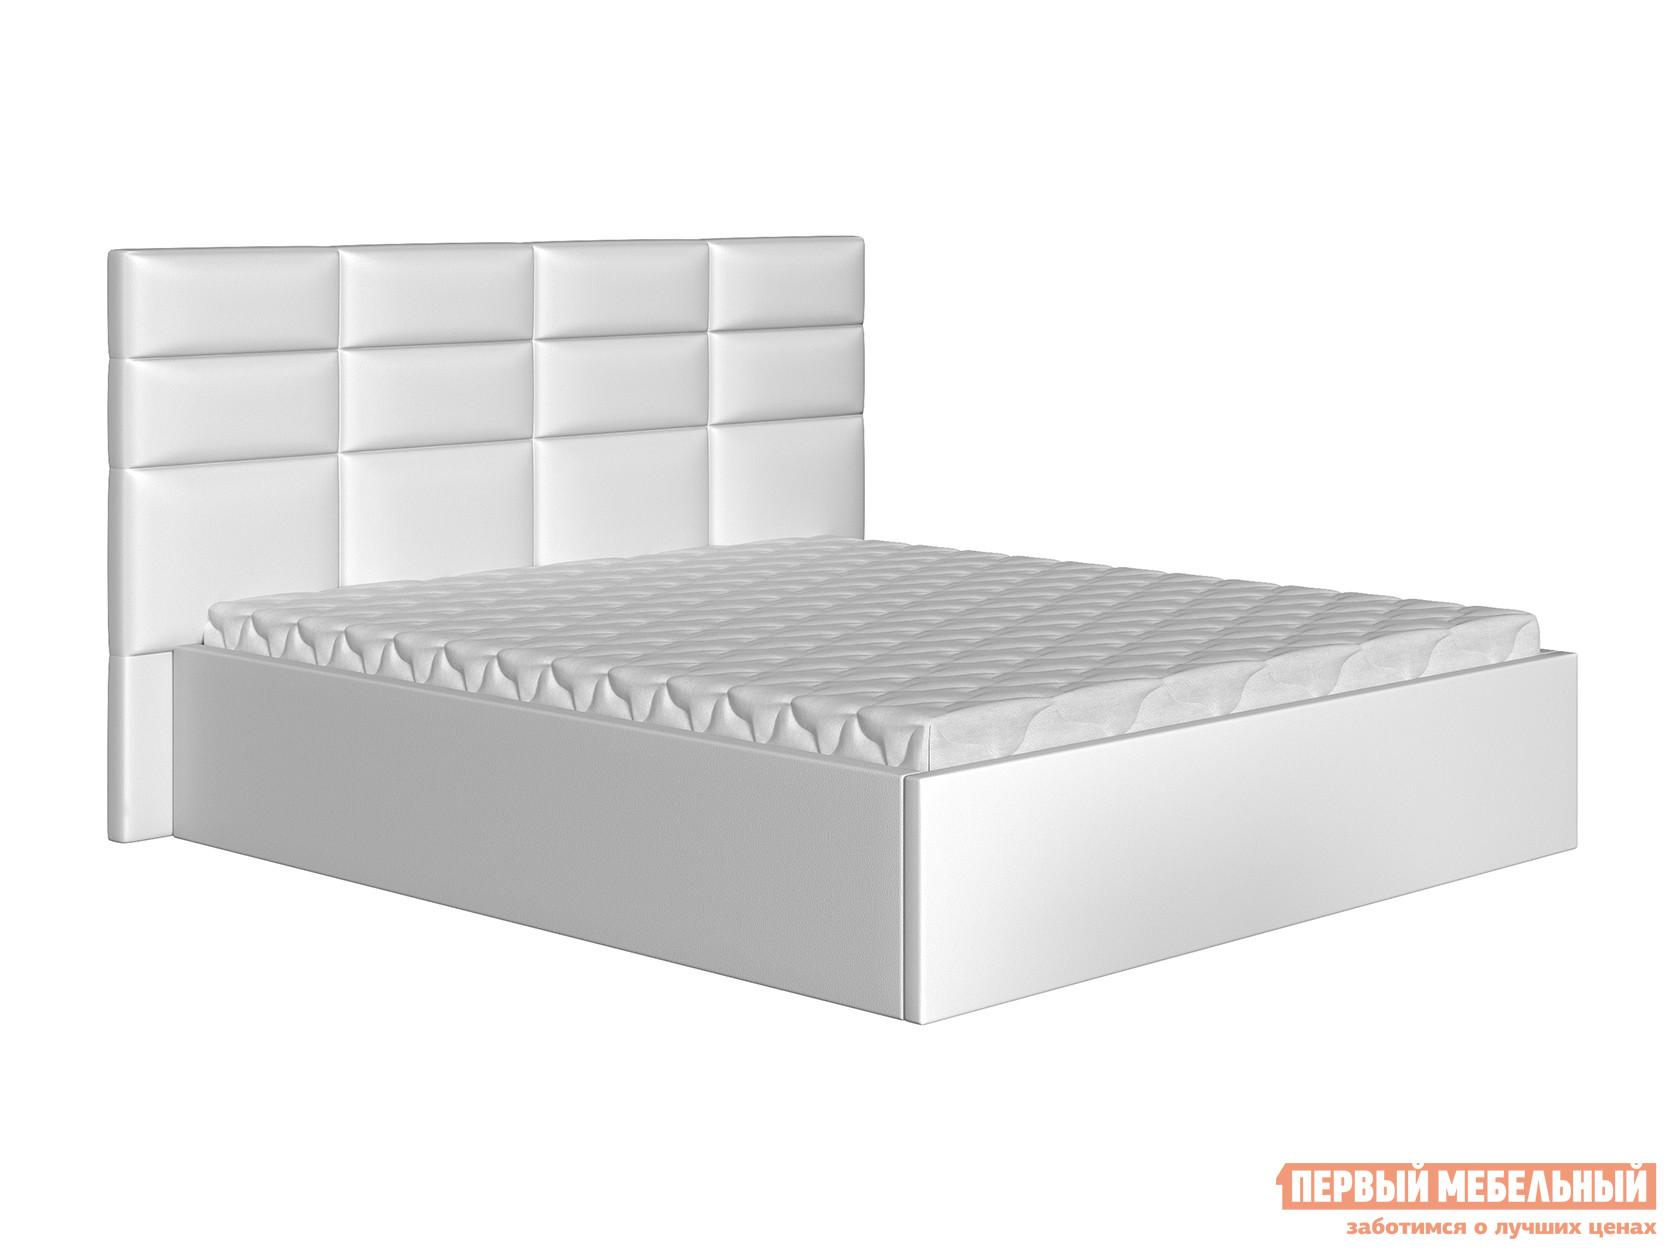 Двуспальная кровать  Кровать Коста Белый, экокожа, 160х200